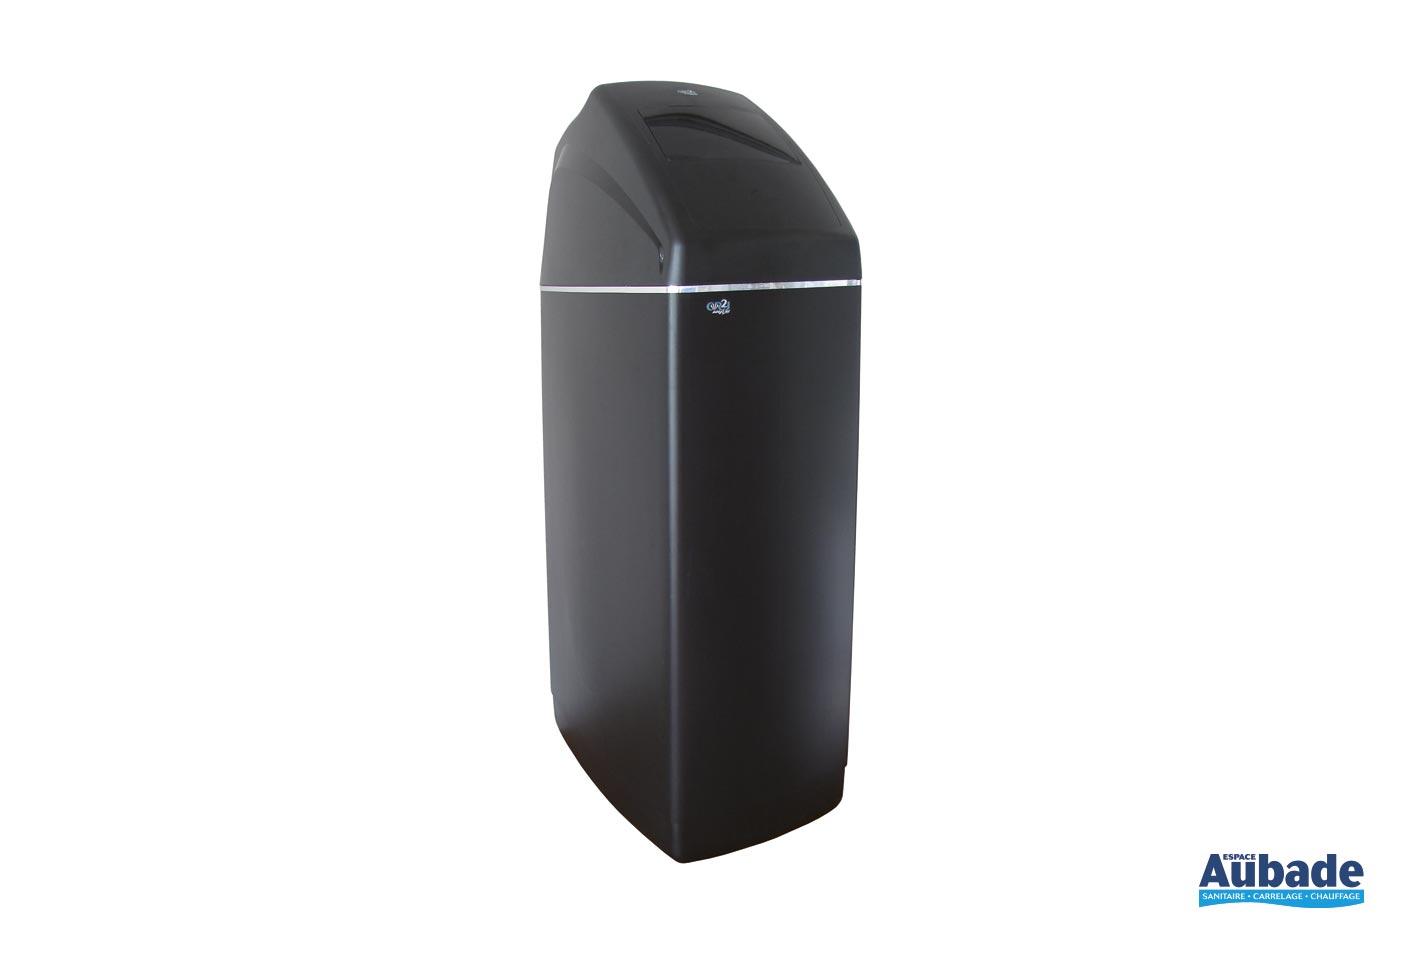 Silverfer Blanc 12 V R/éfrig/érateur Sortie dair C/ôt/é Ventilation Ventilateur D/évacuation pour RV Remorque Caravane RV Voiture Styling Accessoires